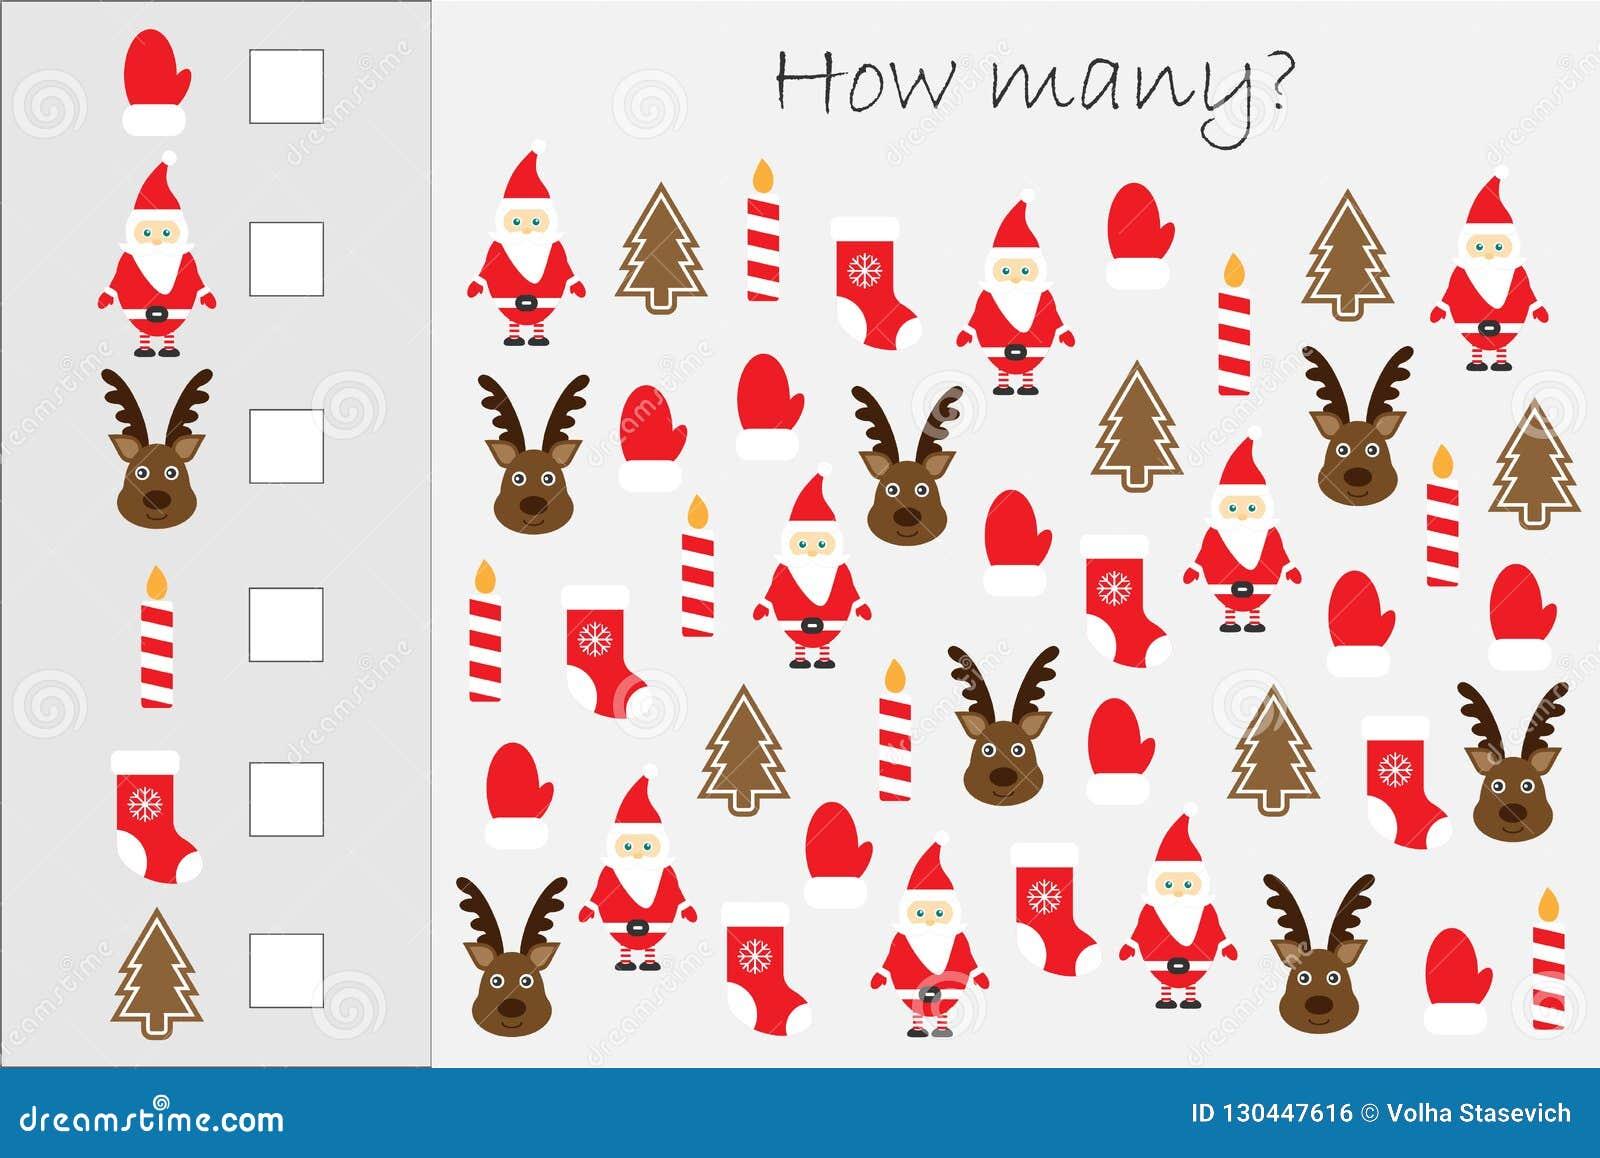 Wievielen Spiel mit Weihnachtsbildern für Kinder zählend, pädagogisches Mathe für die Entwicklung des logischen Denkens eine Arbe